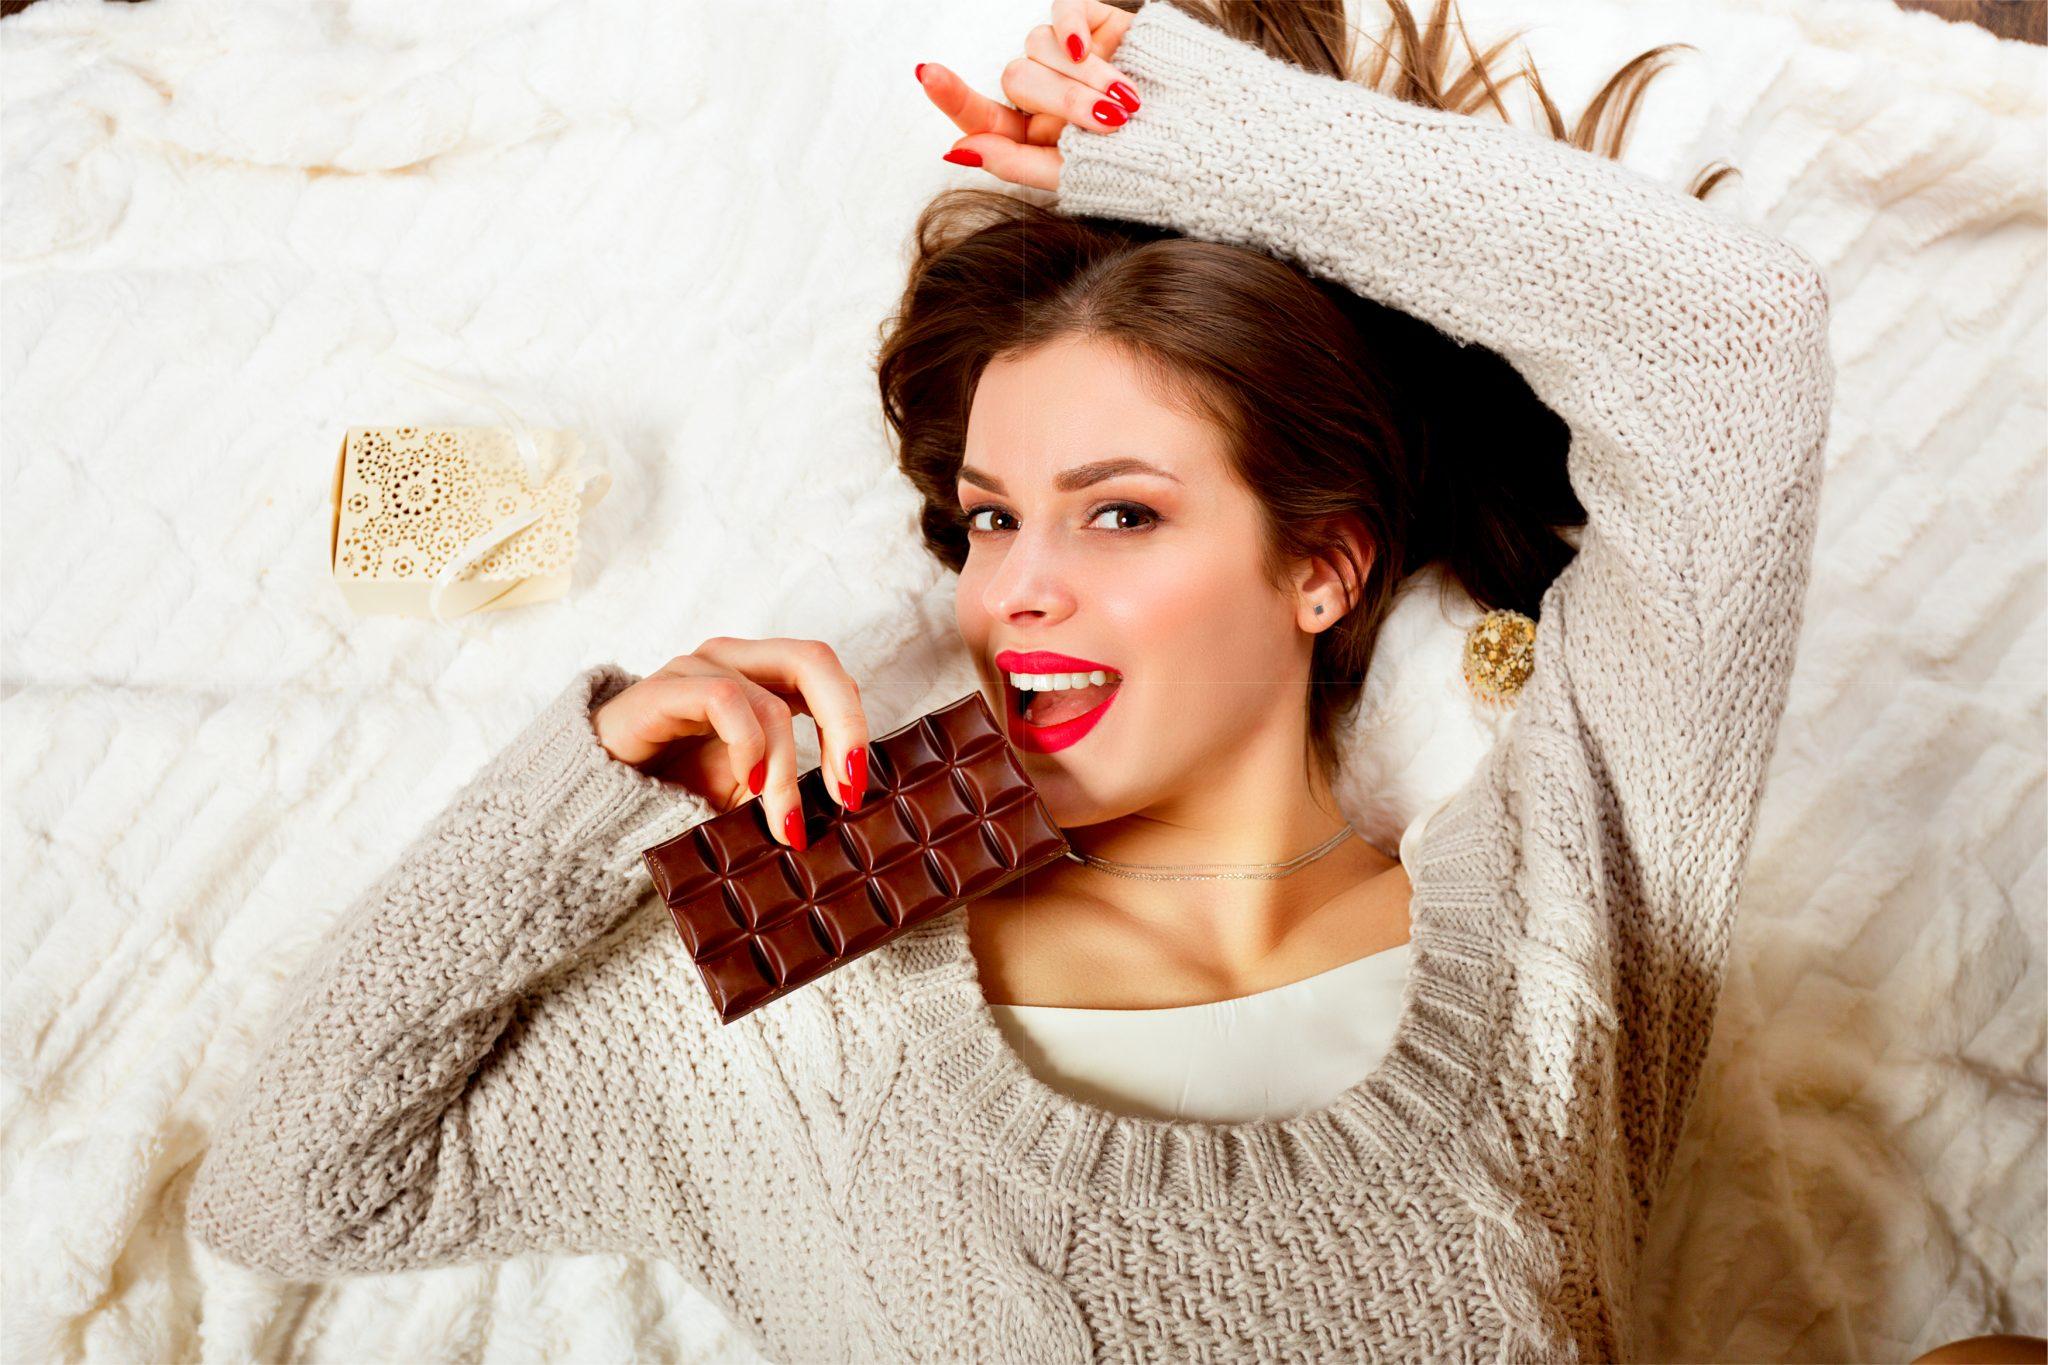 チョコレートを食べている綺麗な女性